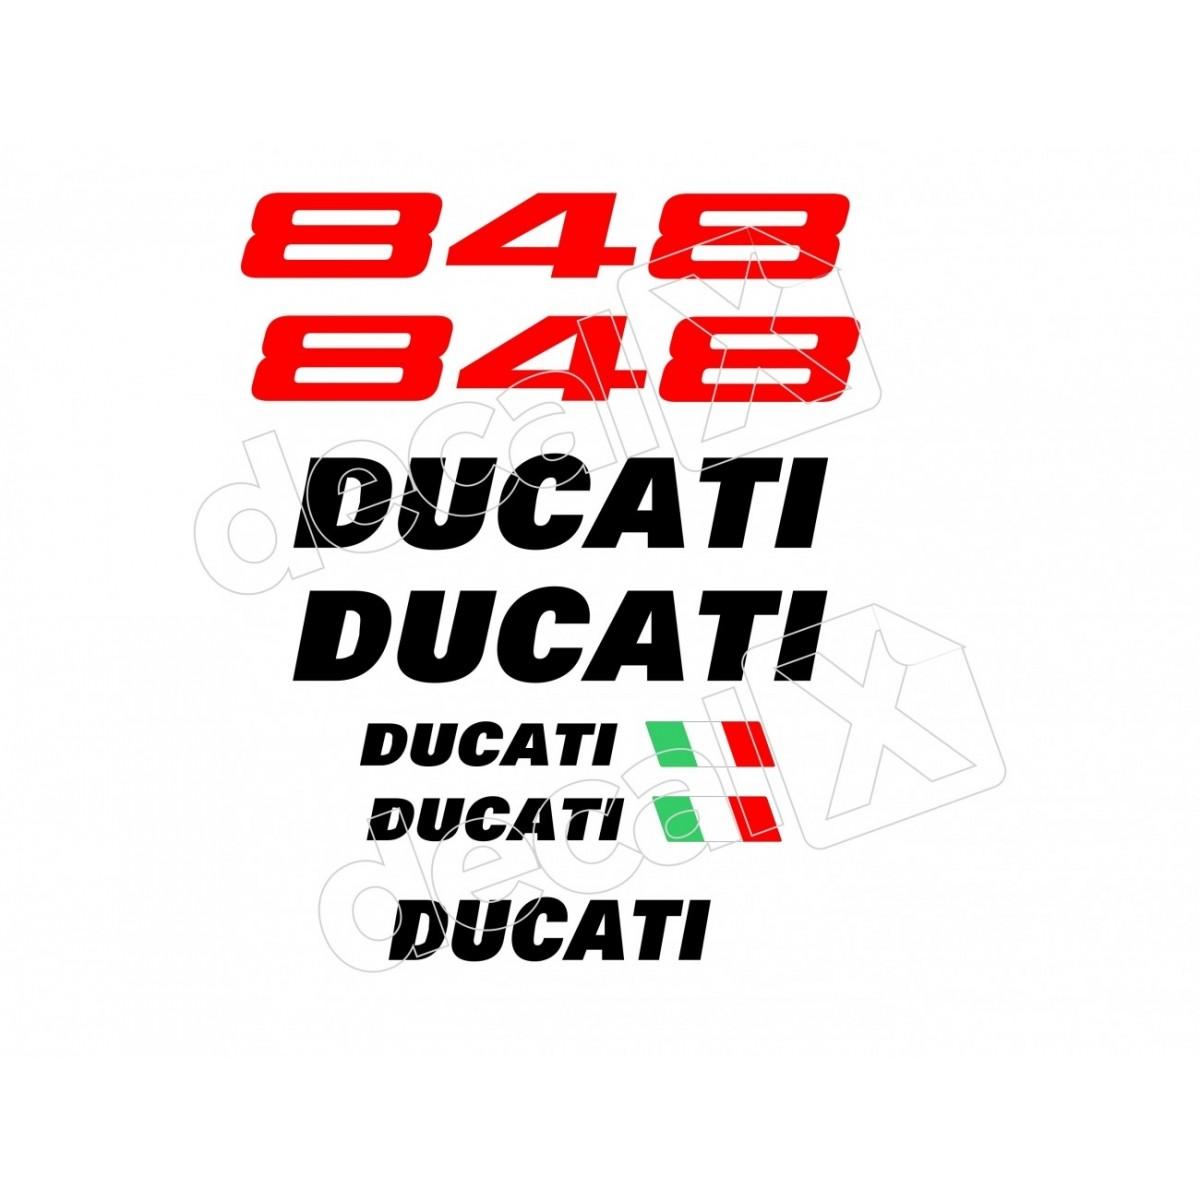 Kit Adesivos Ducati 848 Branca Decalx